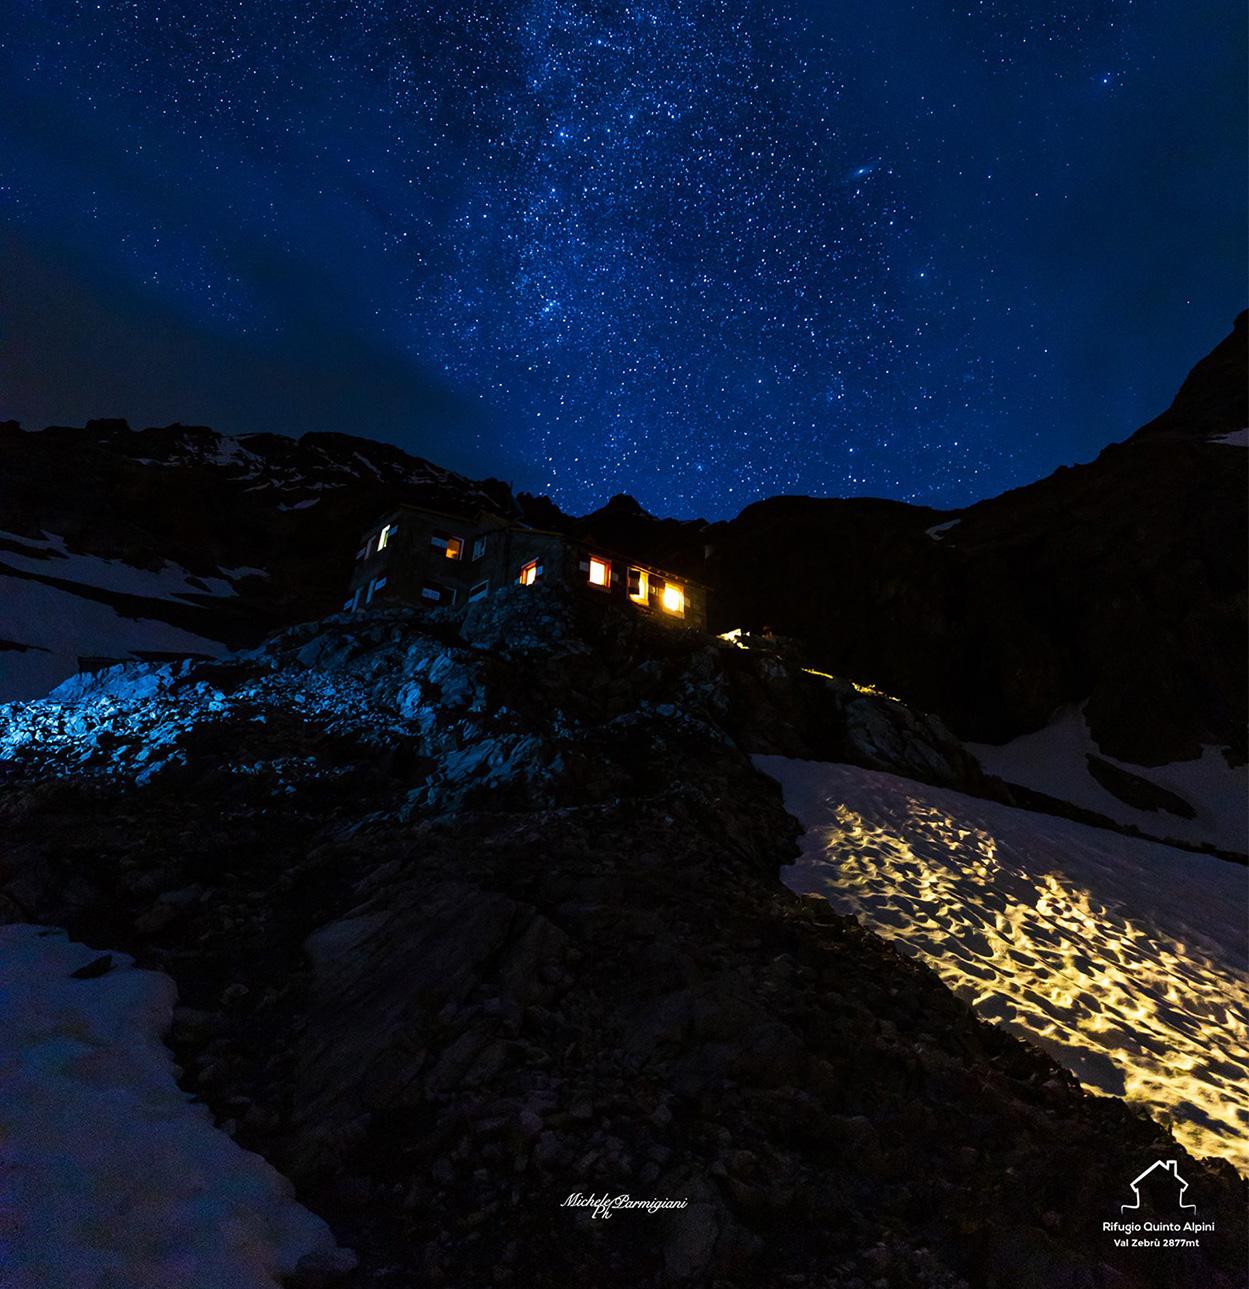 stelle_osservazione_astronomica_rifugioquintoalpini